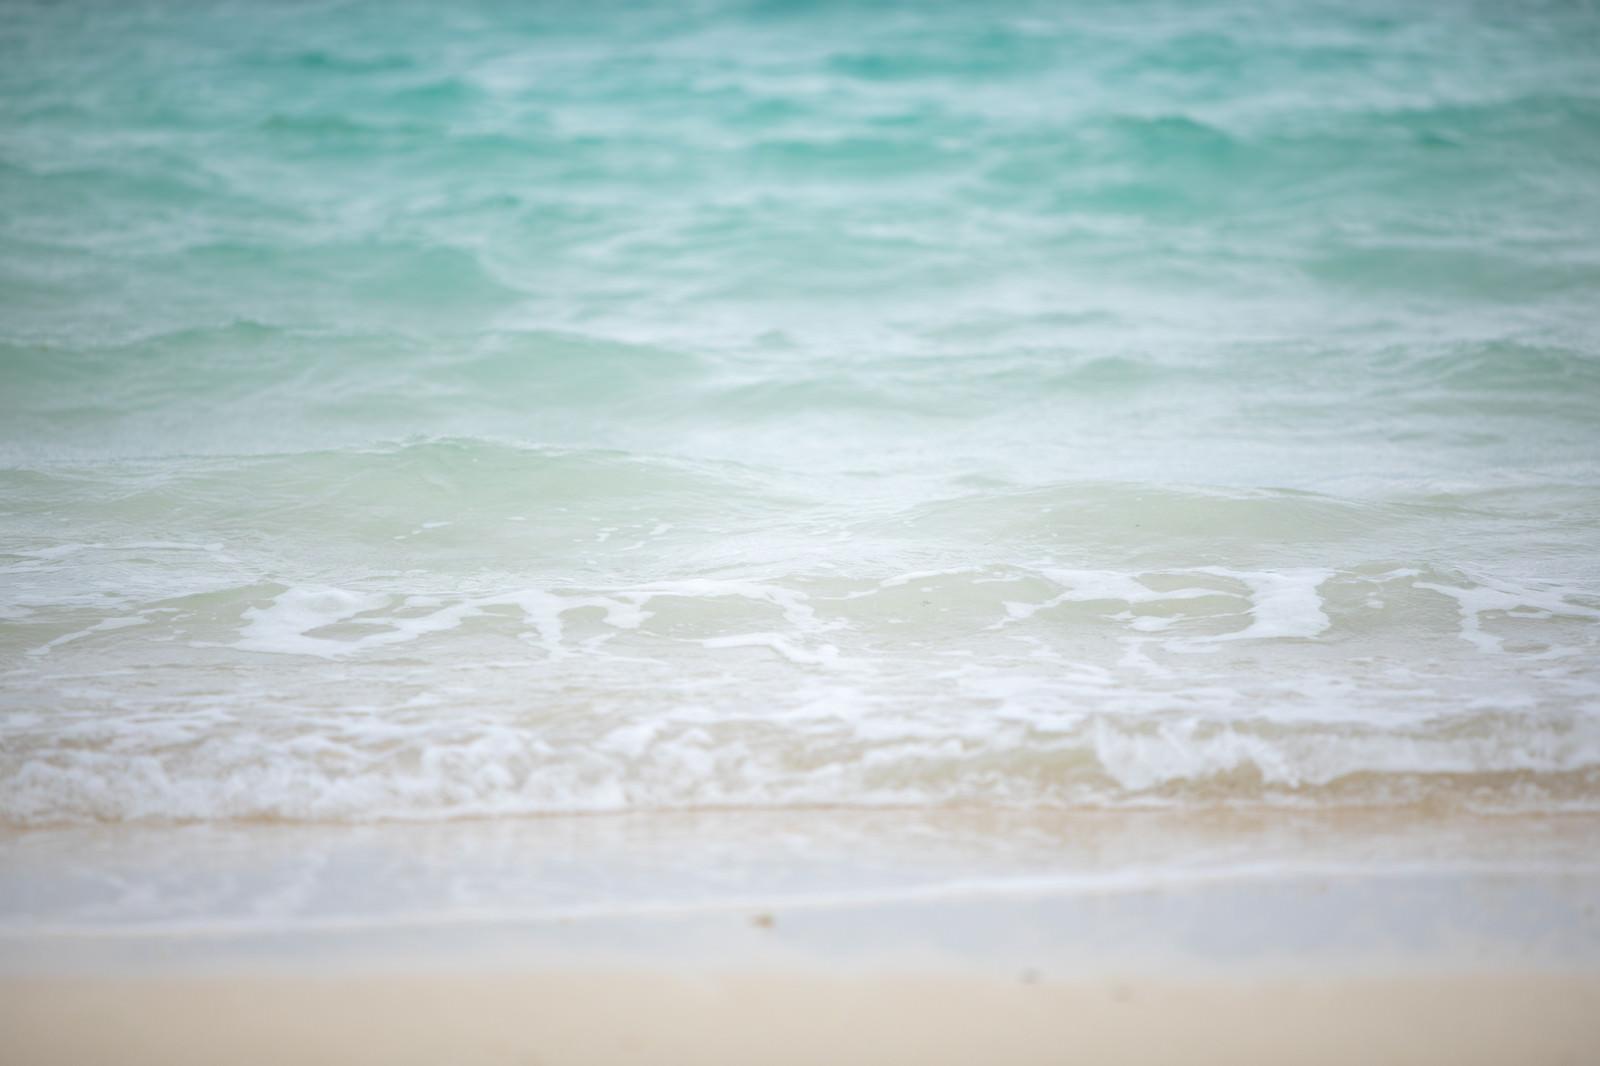 「エメラルドグリーンの海と砂浜」の写真